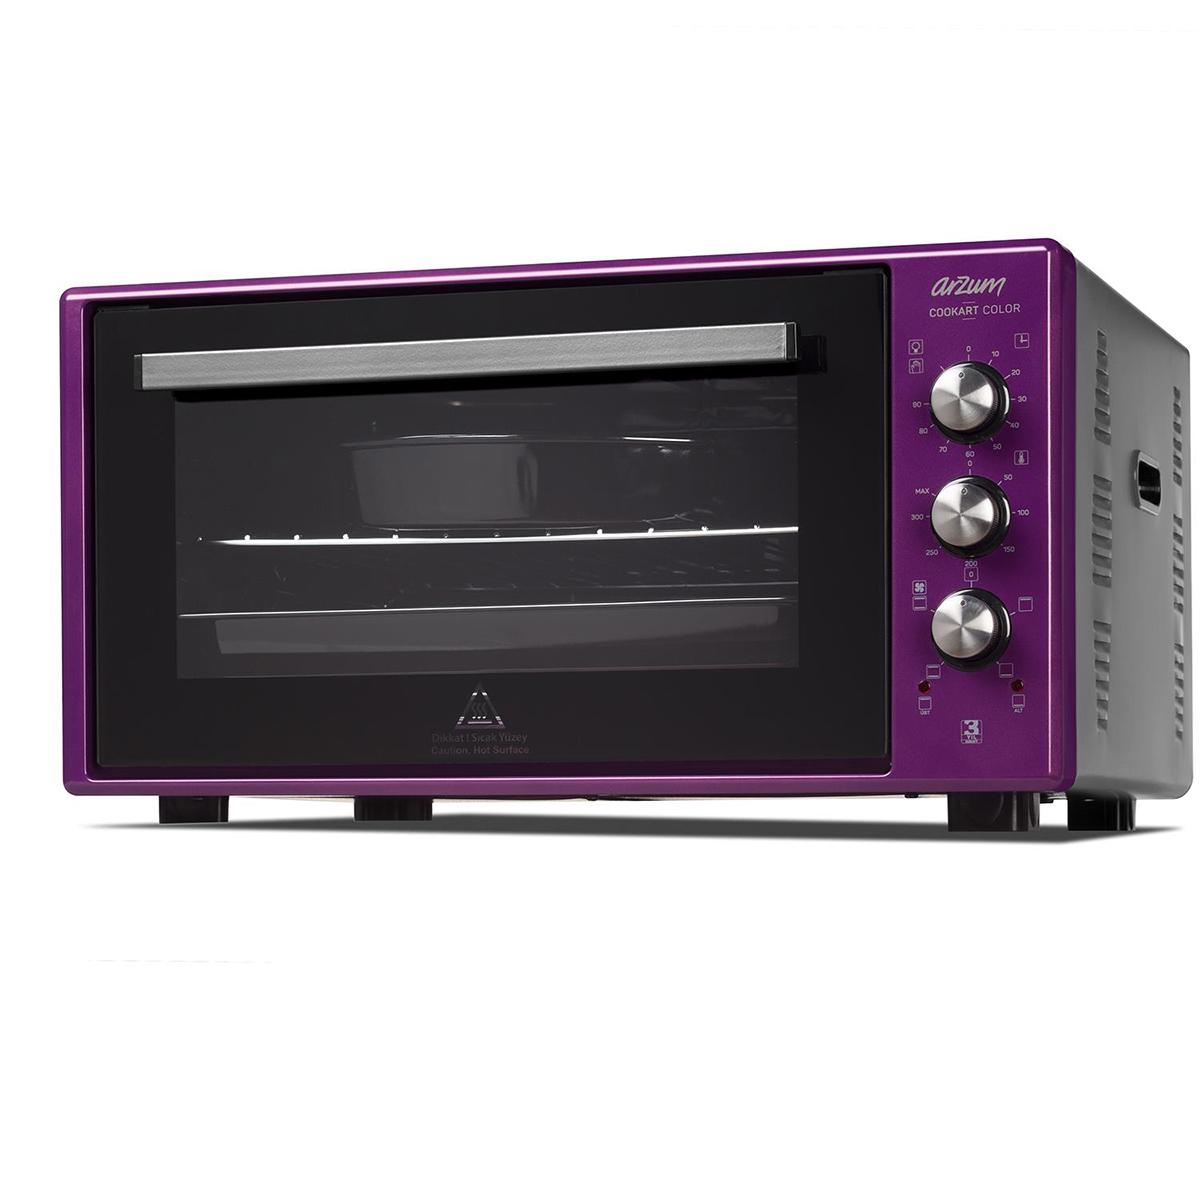 Arzum AR2034 Cookart Color 50Lt Çift Camlı Fırın - Mürdüm